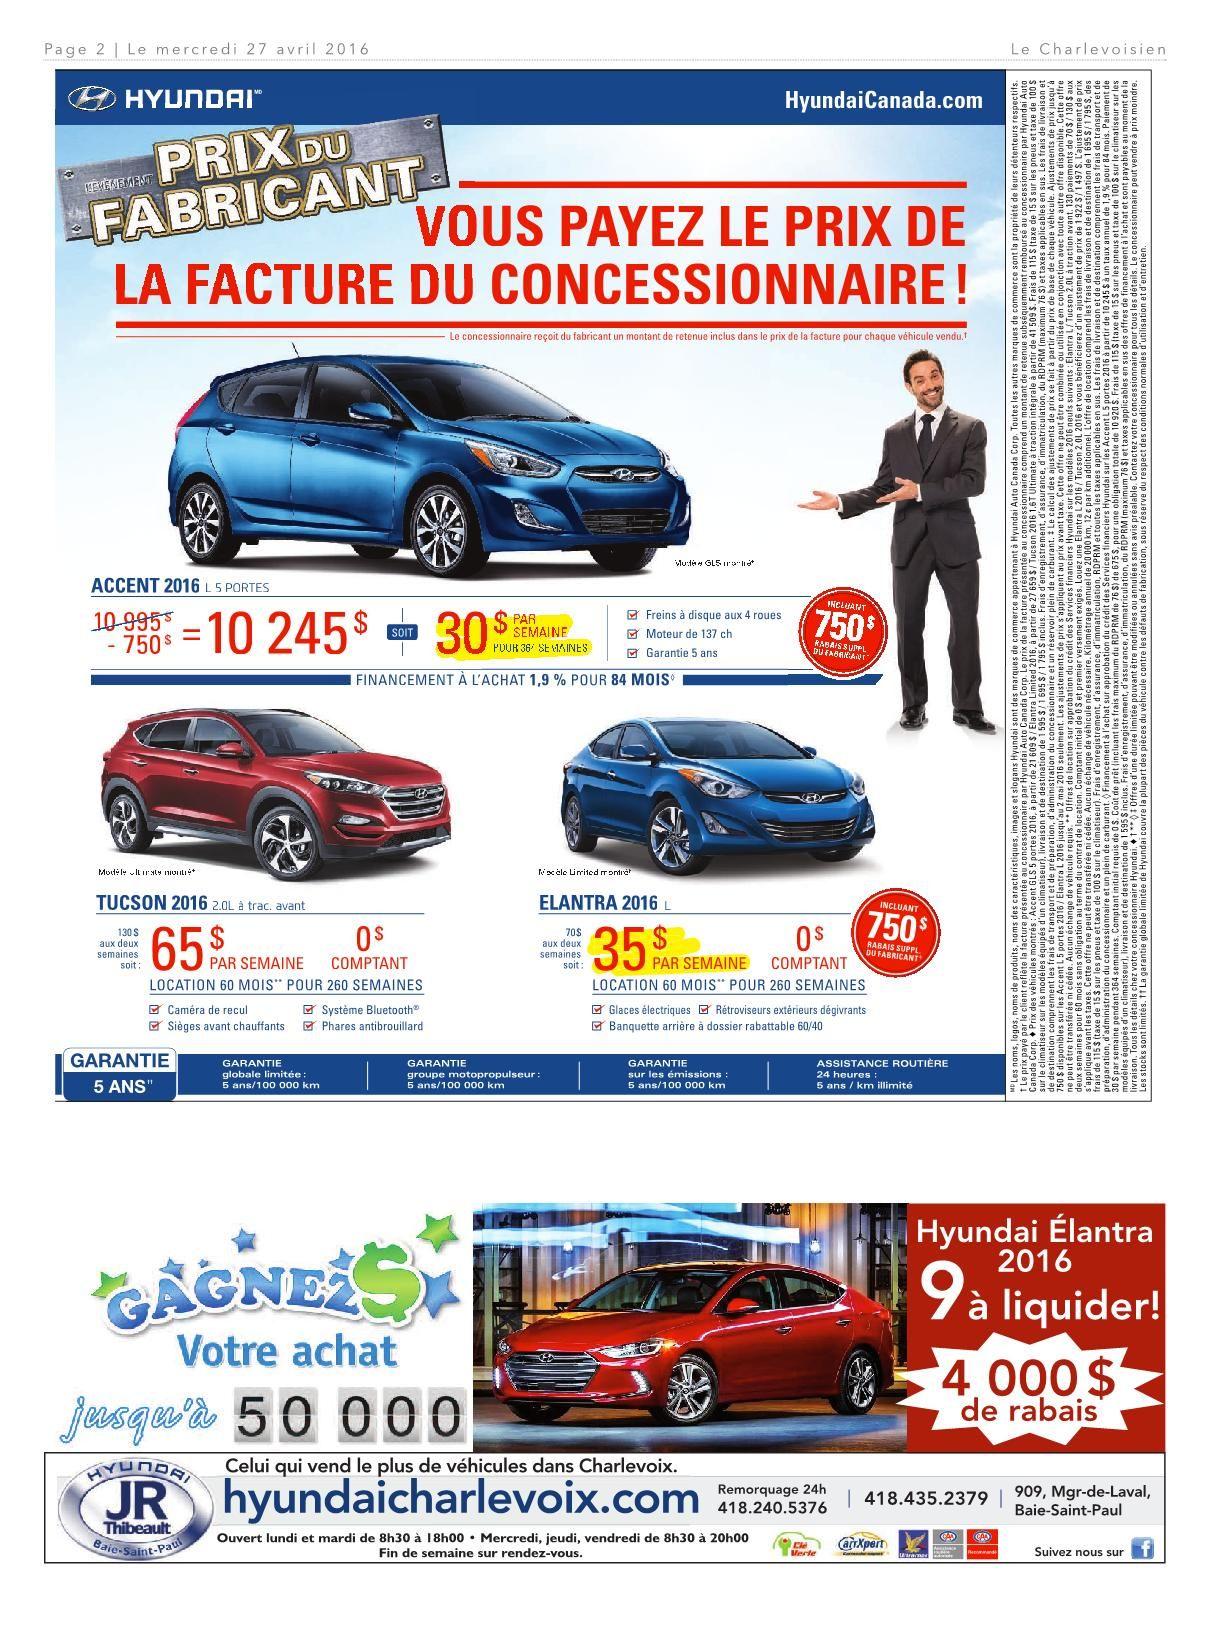 Tarif Entretien Jardin Auto Entrepreneur Élégant Le Charlevoisien 27 Avril 2016 Pages 1 40 Text Version Of 72 Unique Tarif Entretien Jardin Auto Entrepreneur